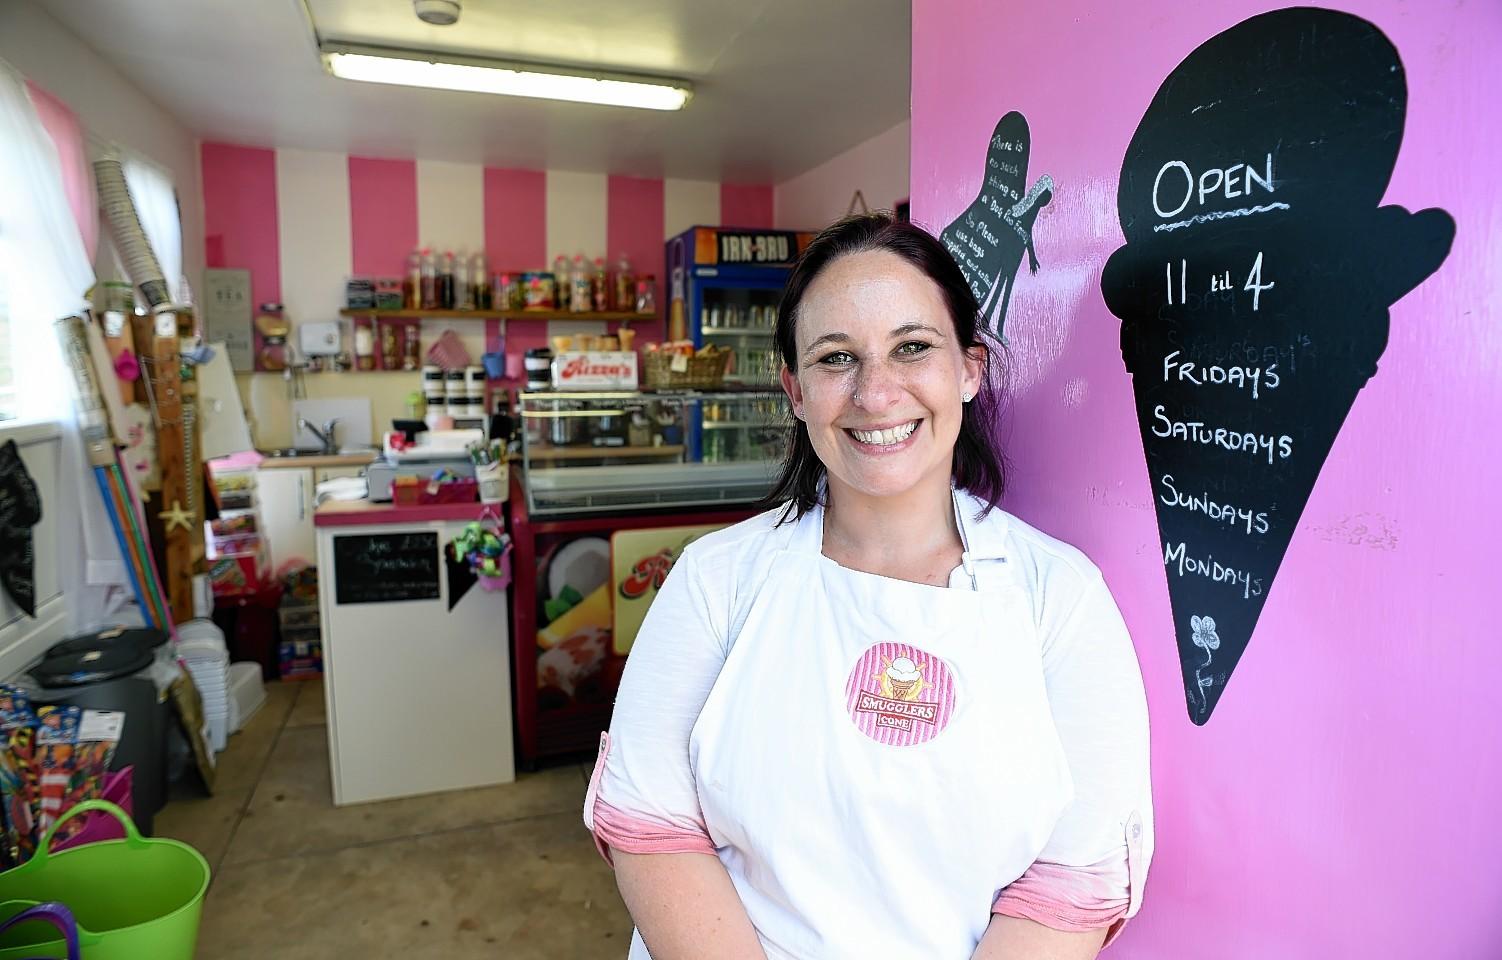 Nicole Barravecchio's Collieston ice cream shop, Smuggler's Cone, will be a permanent feature of the village